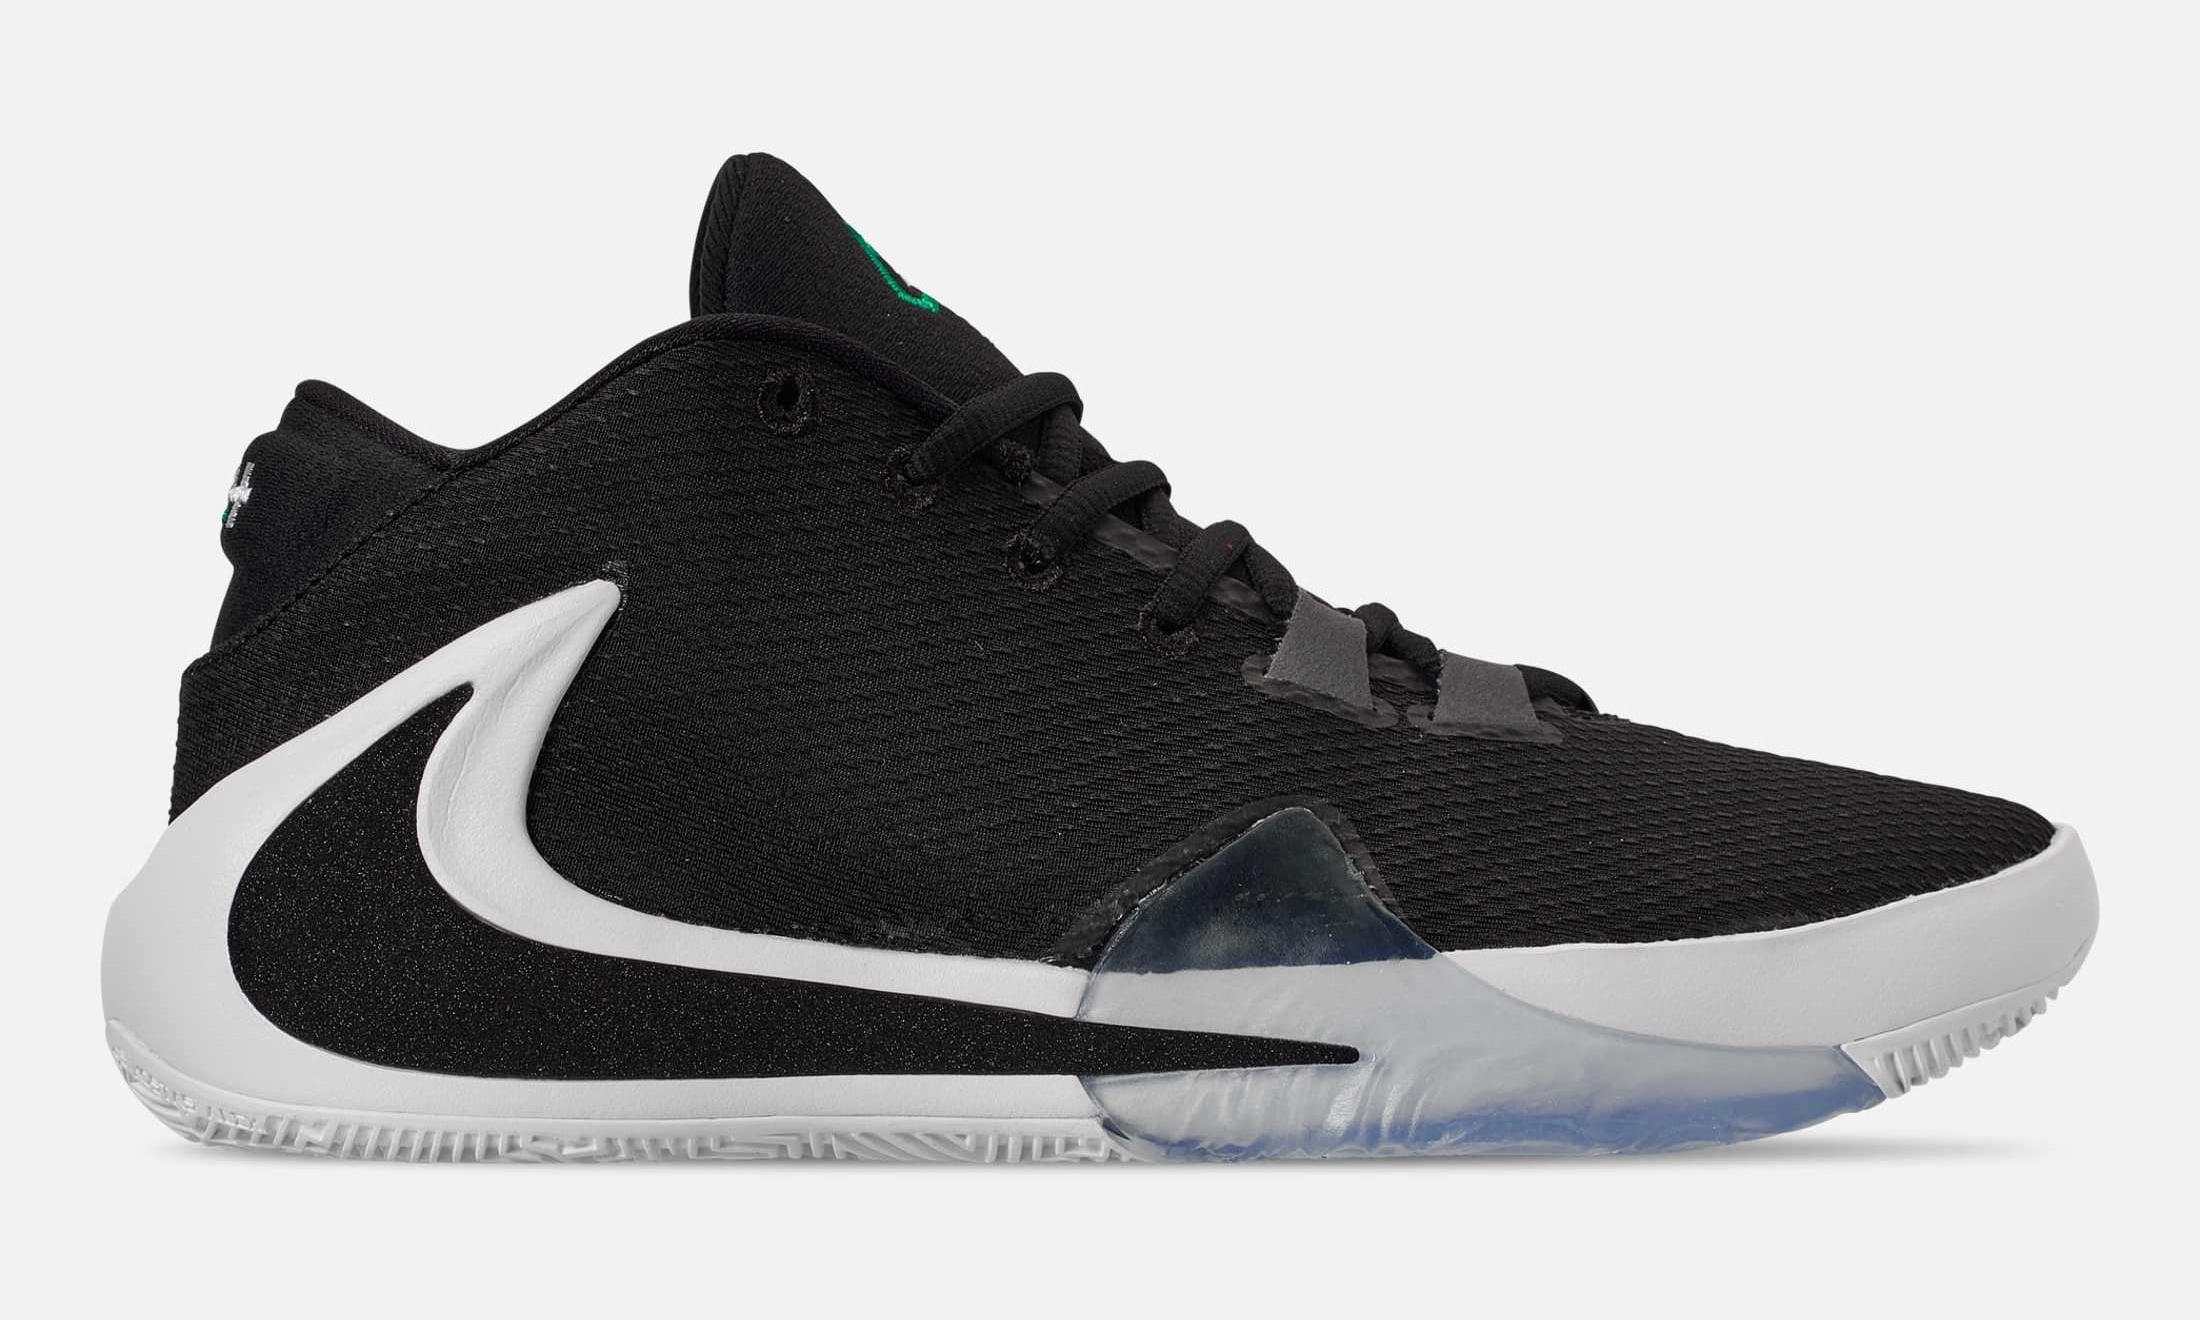 """""""字母哥"""" 首款个人签名鞋 Nike Zoom Freak 1 发售日期公布"""